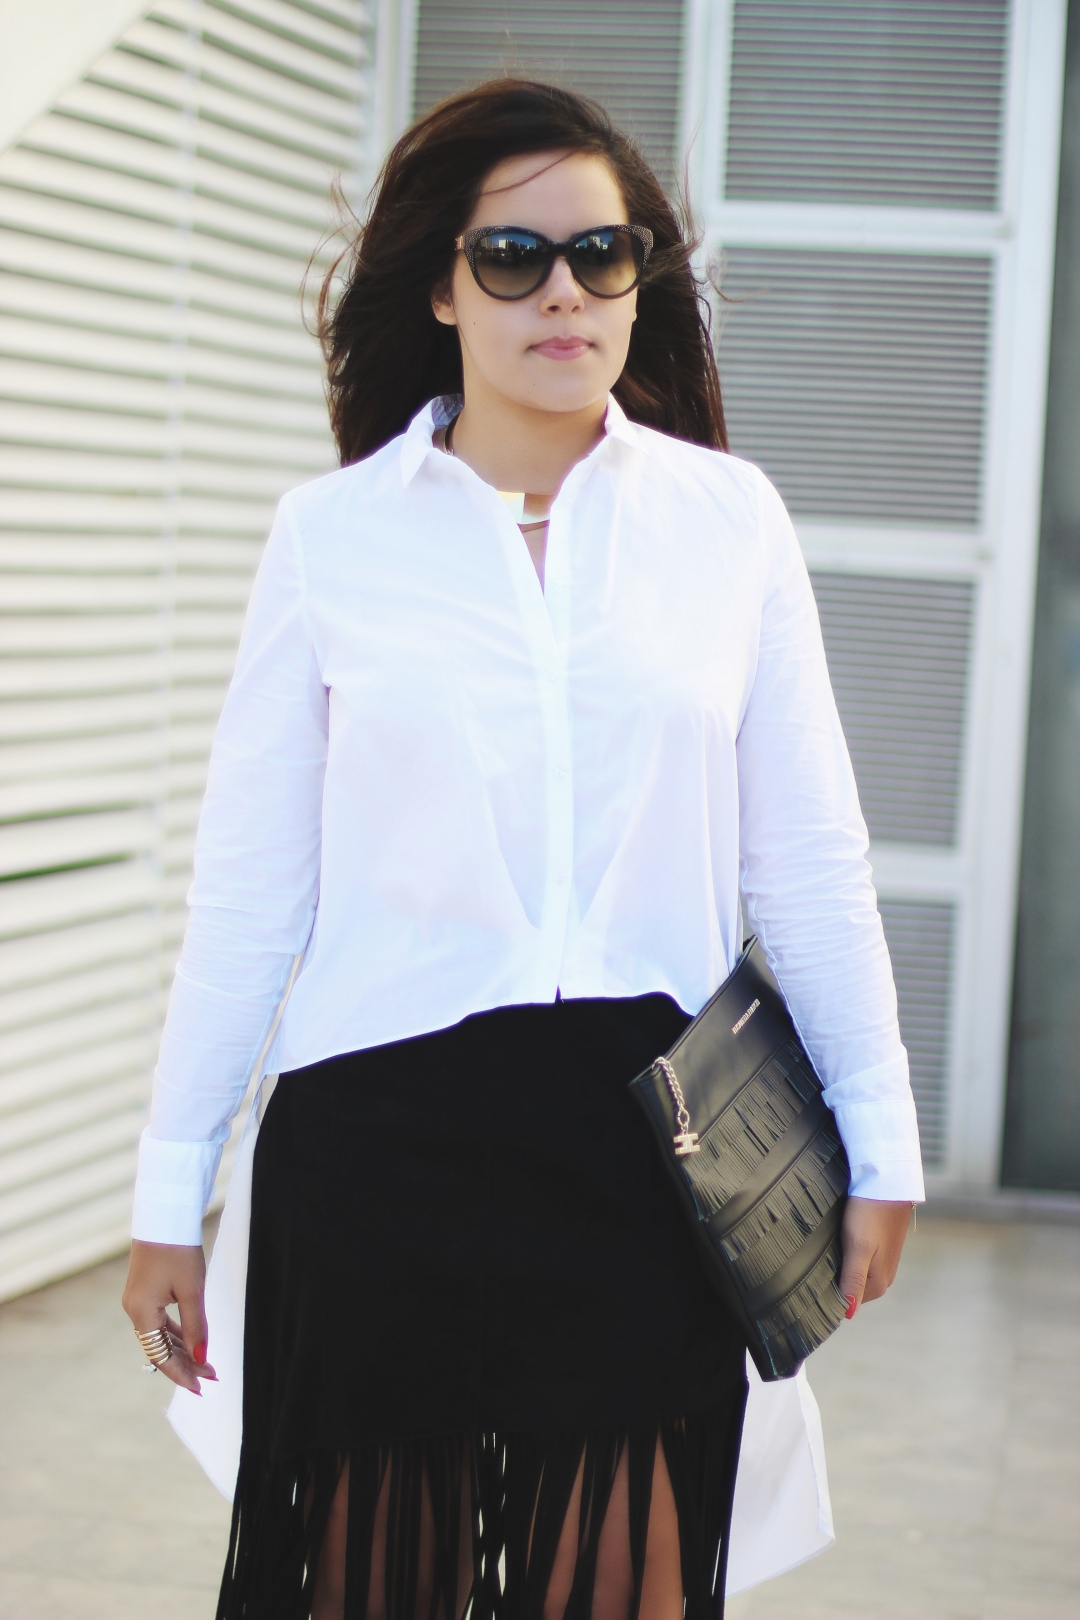 fringe-skirt-blog-mode-chiccarpediem